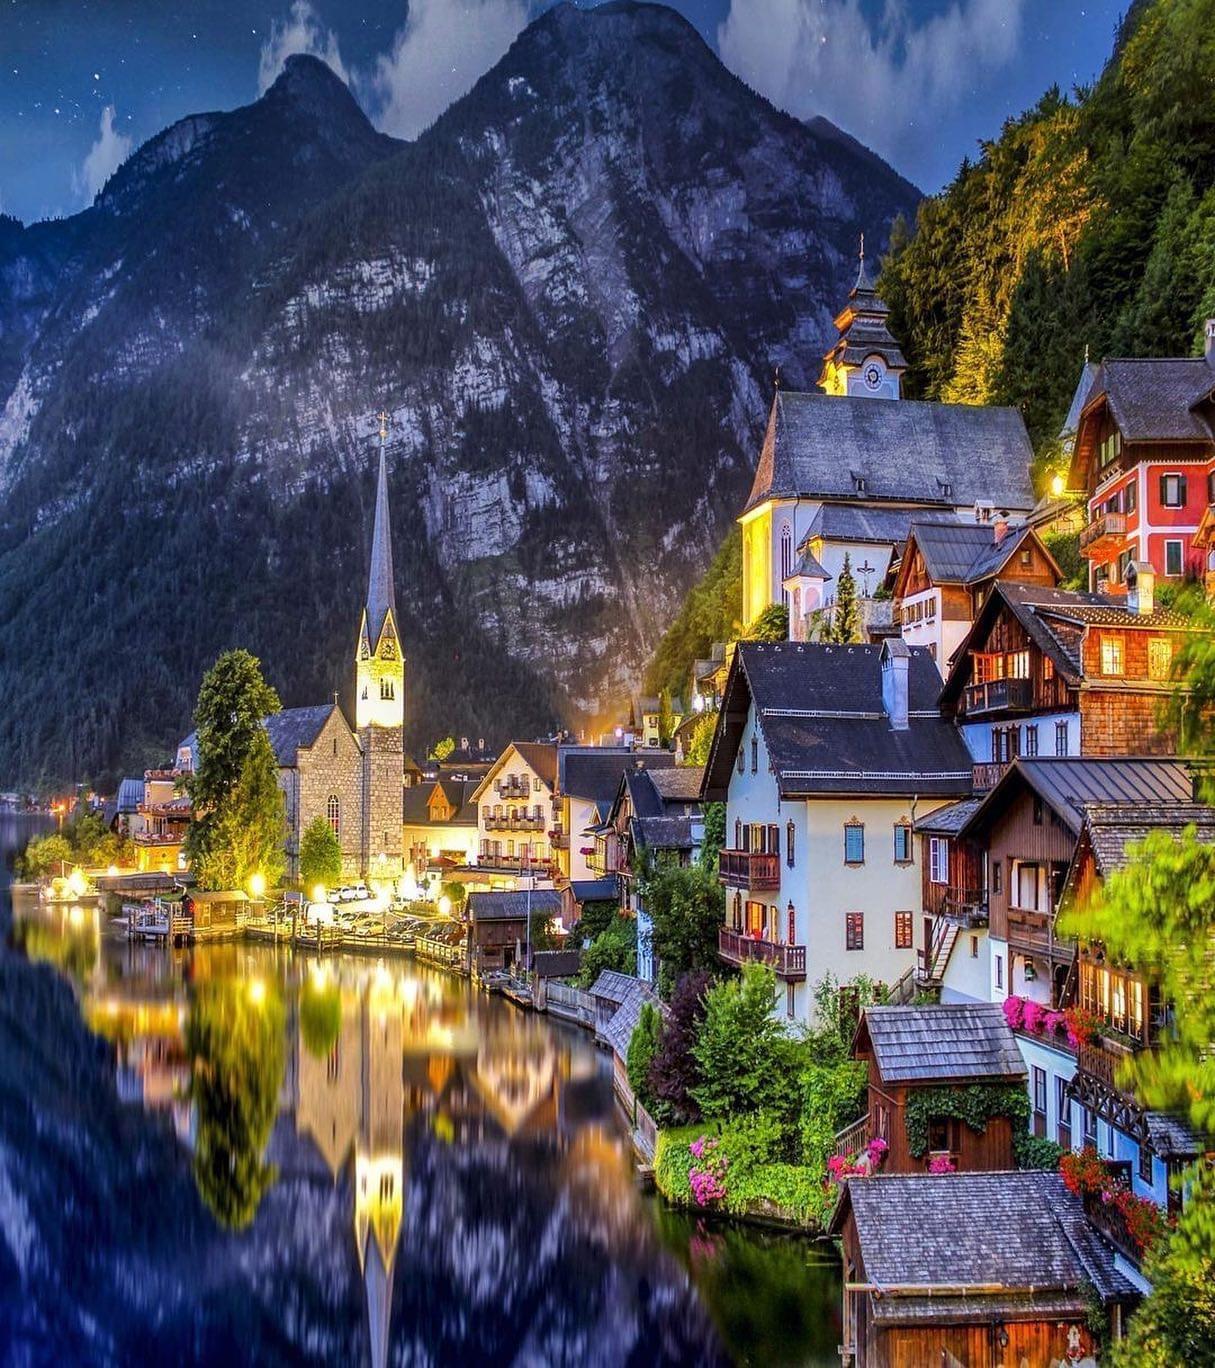 Хальштатт, Австрия. Фото Флориан Ольбрехтс